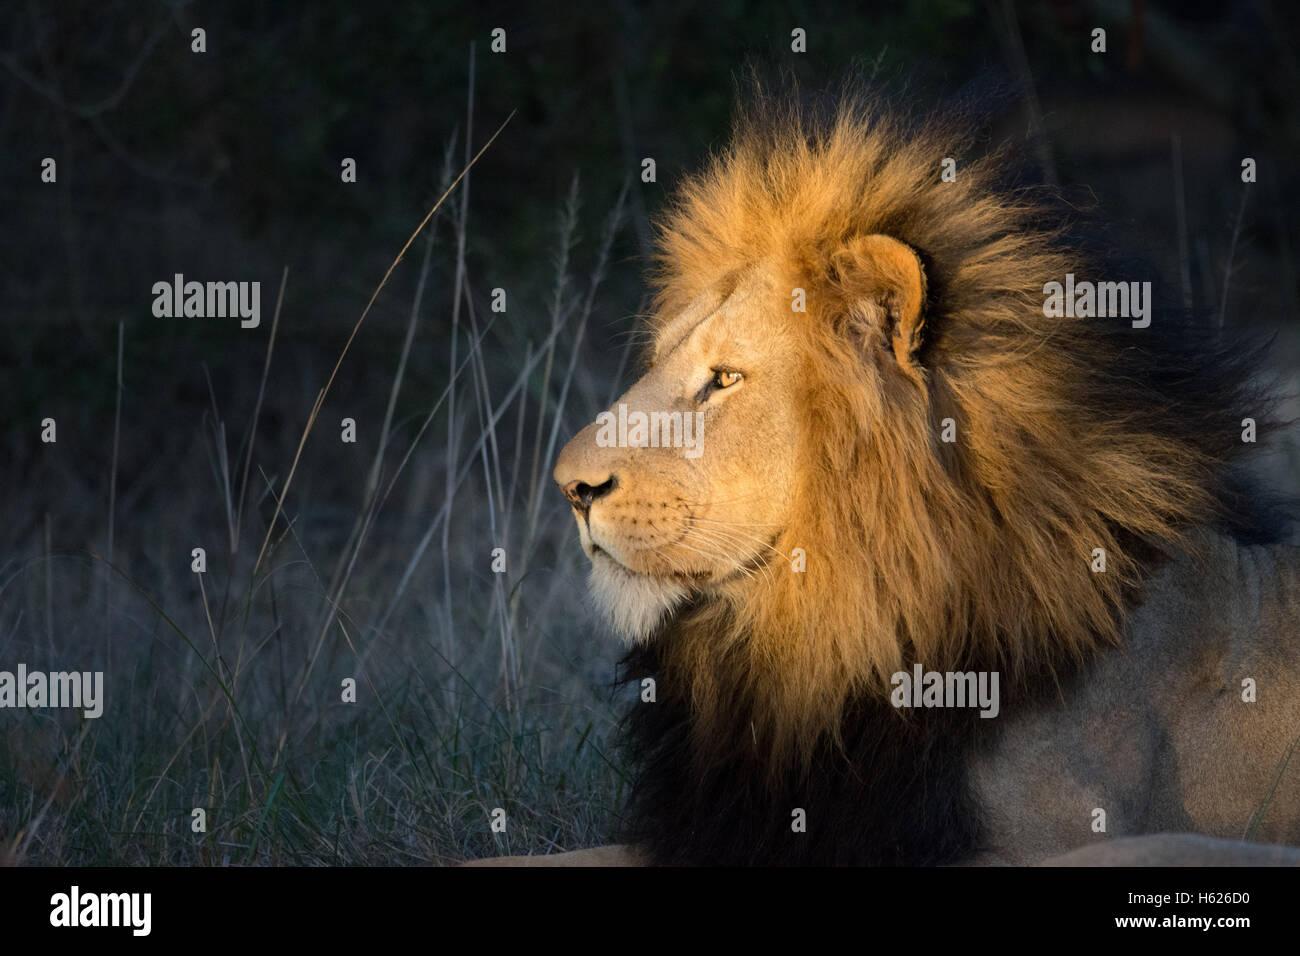 Lion reposant, appréciant le soleil couchant. Profil latéral Banque D'Images